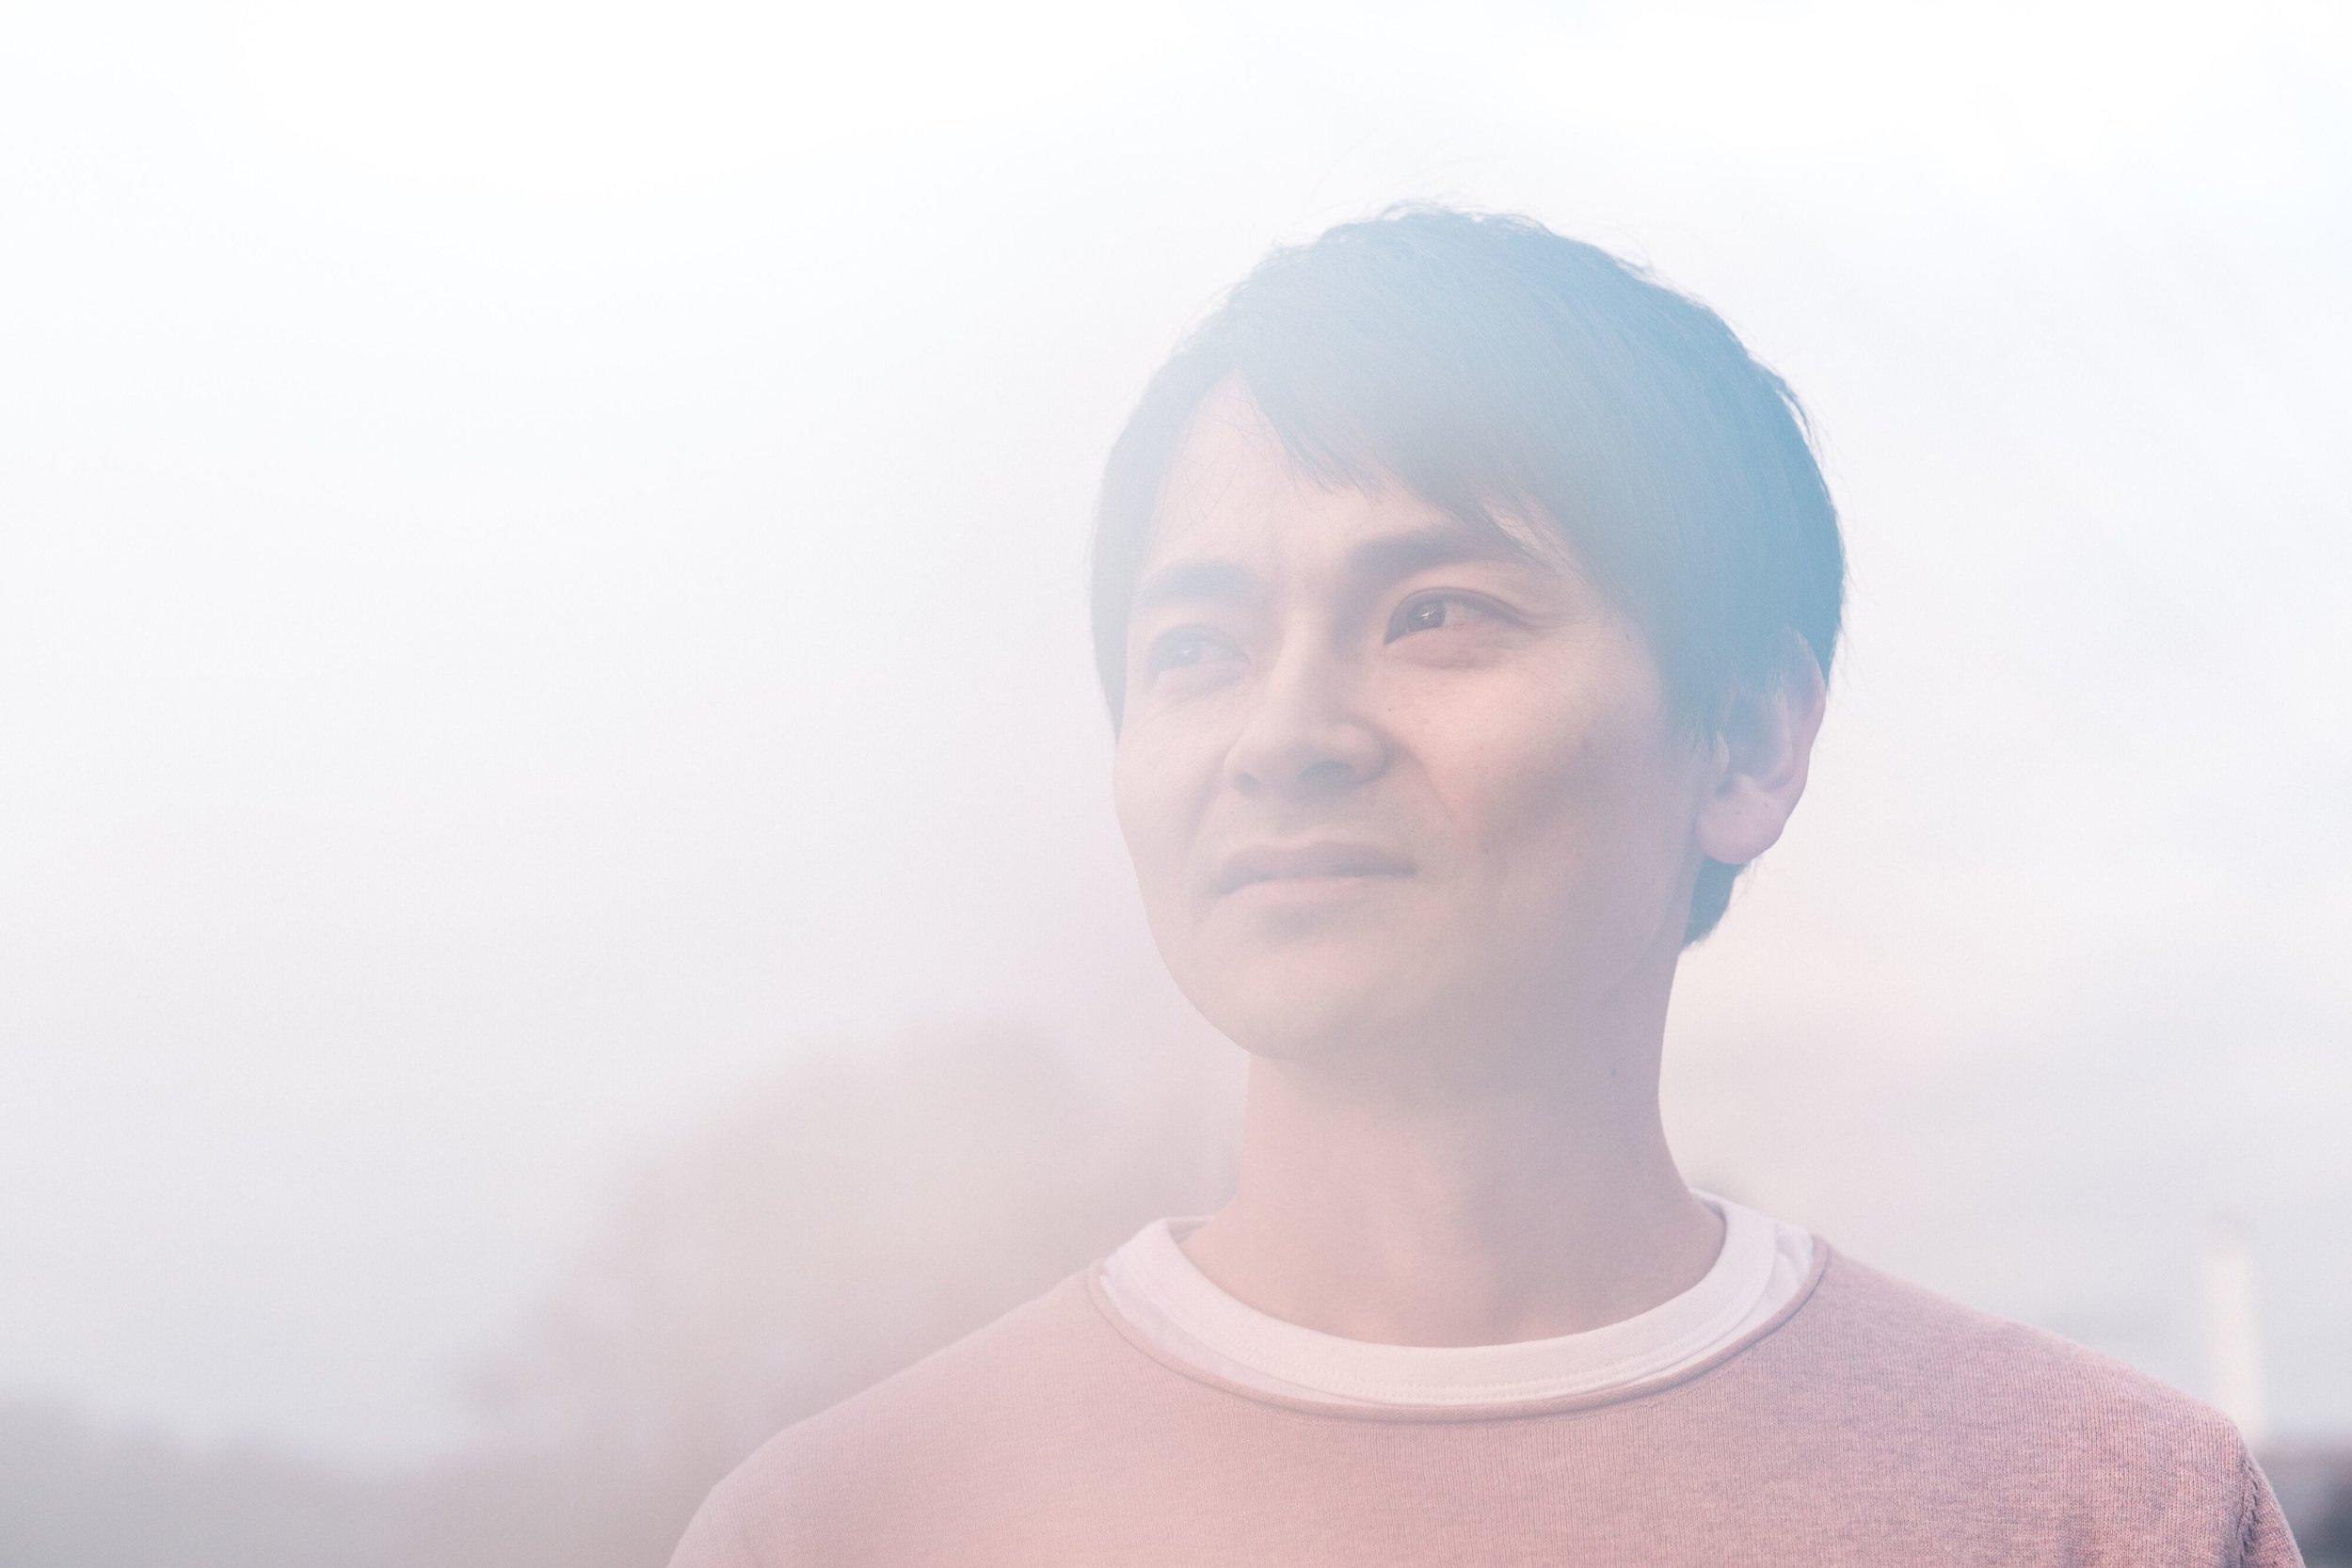 Masayoshi Fujita - SoundcloudTwitterFacebookInstagramNetease